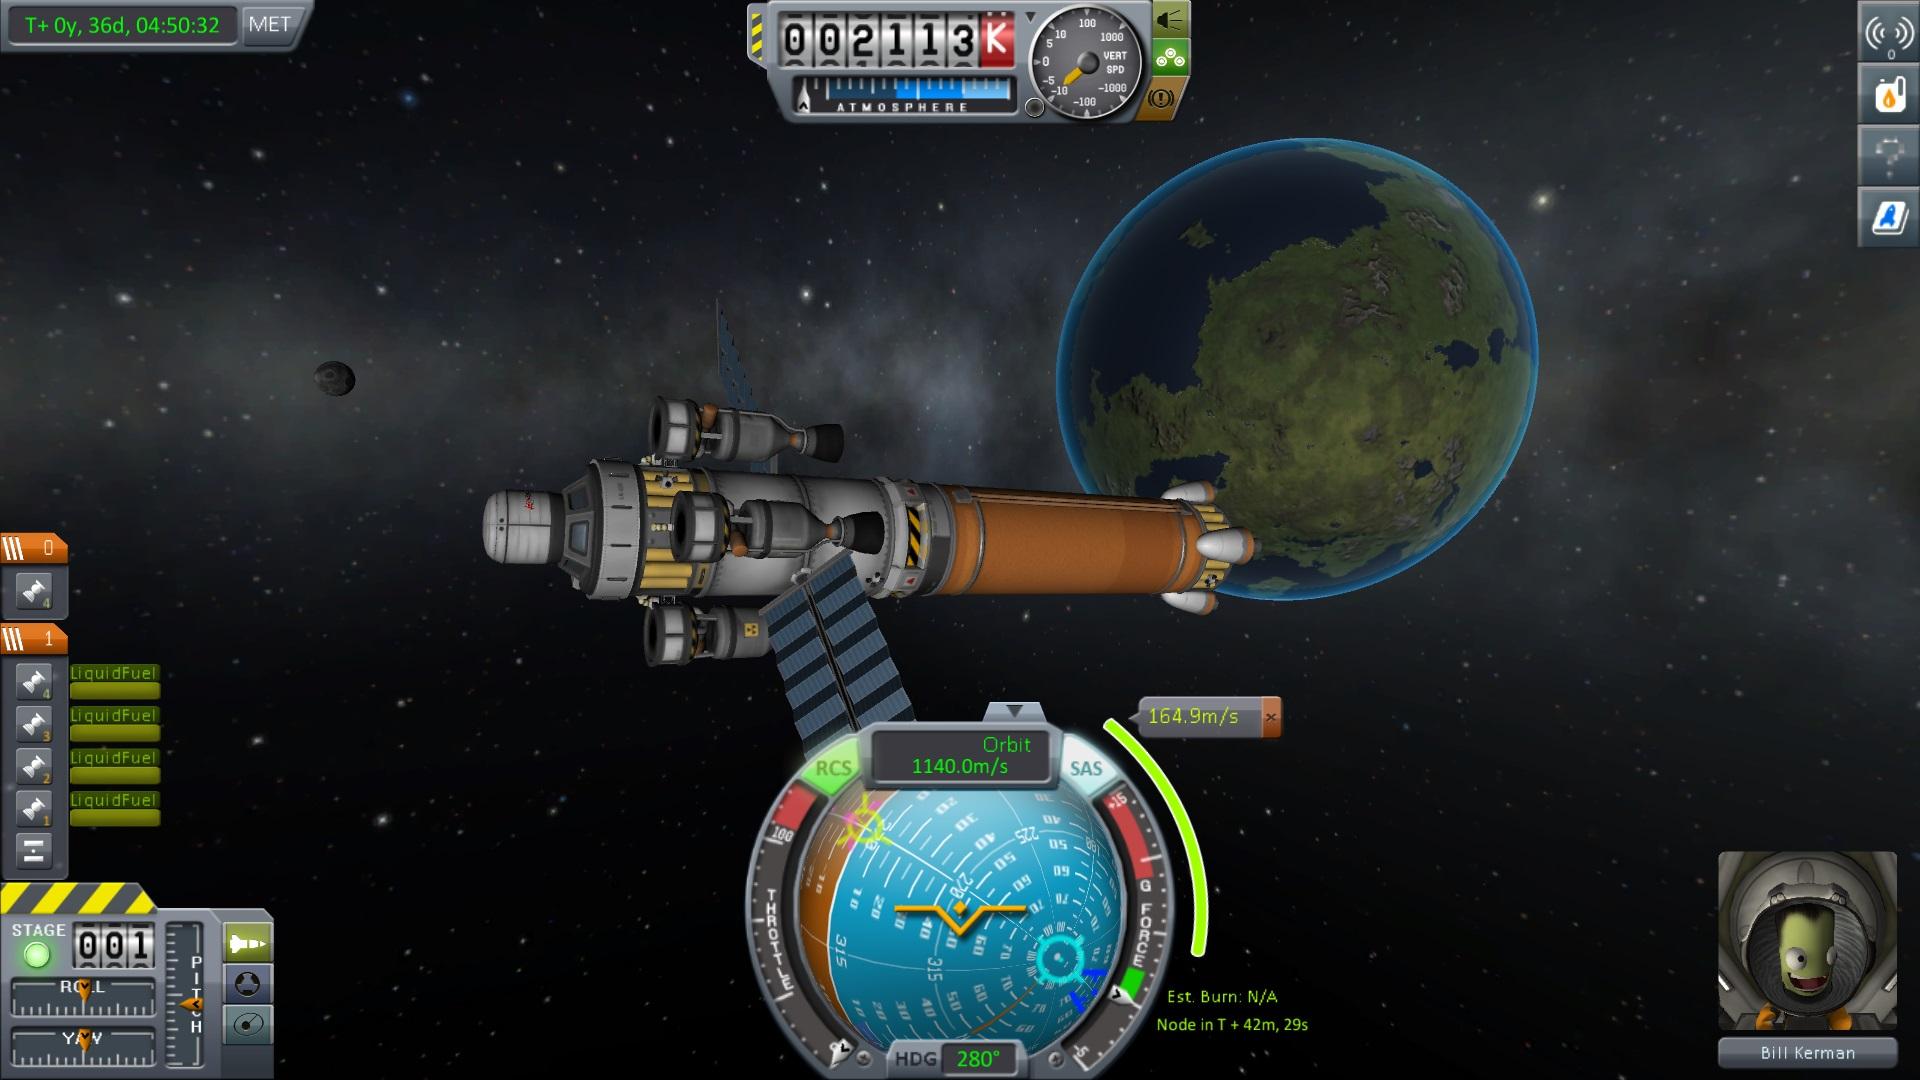 Koeppel space program